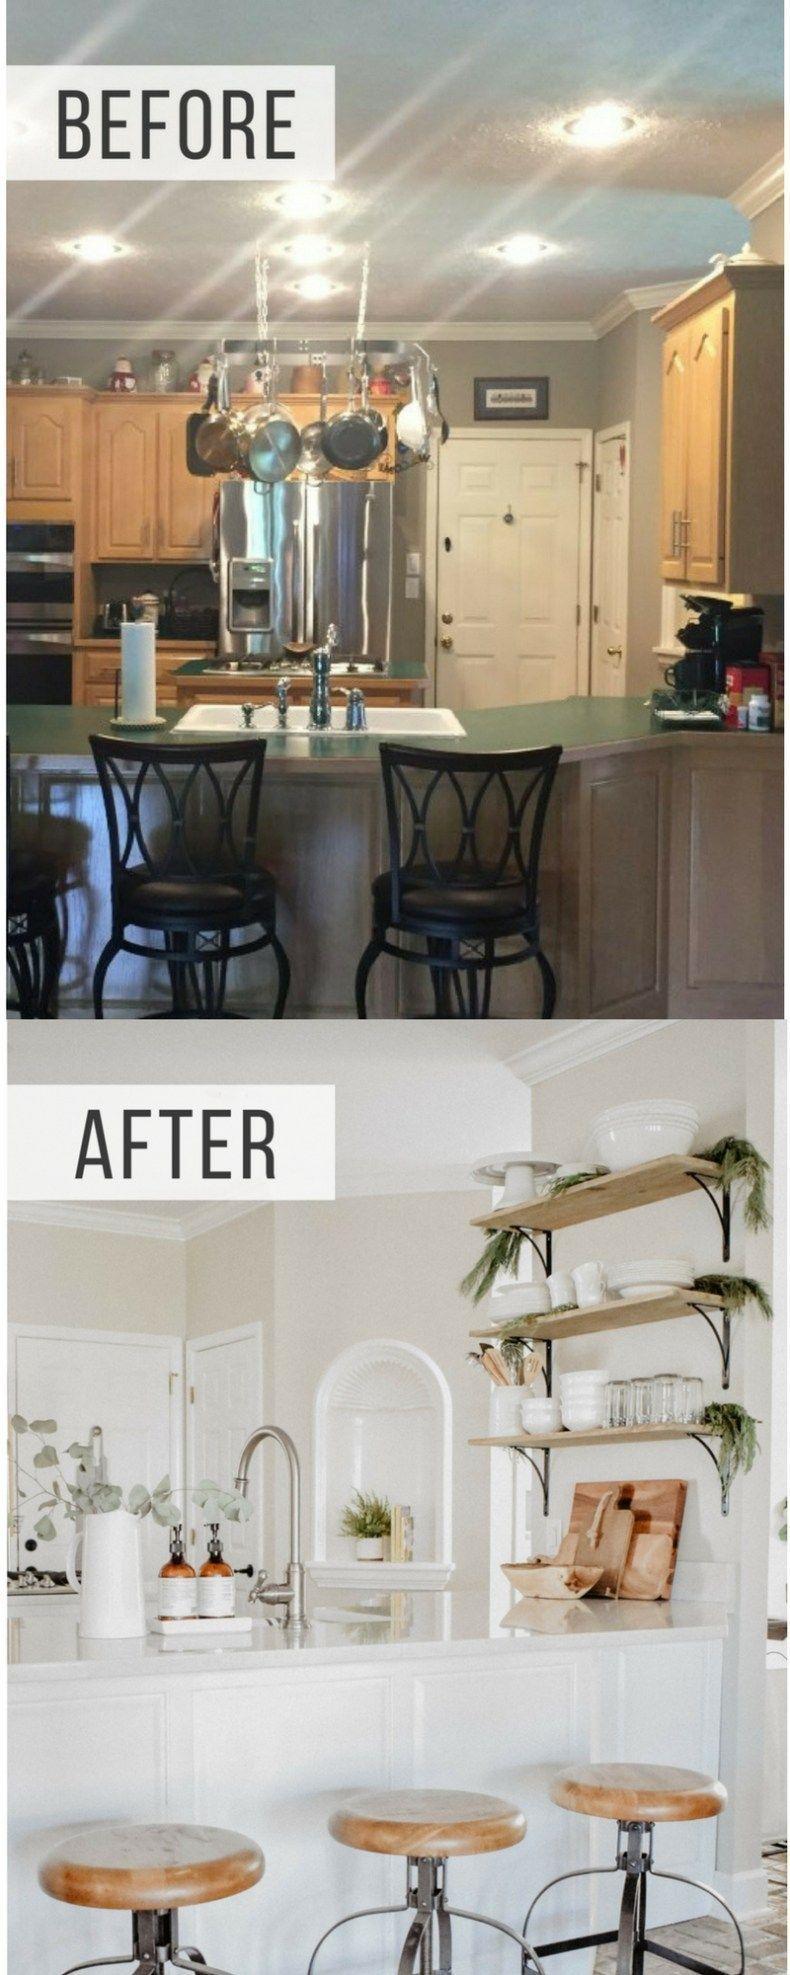 Kitchen renovation kitchen makeover kitchen renovation before and